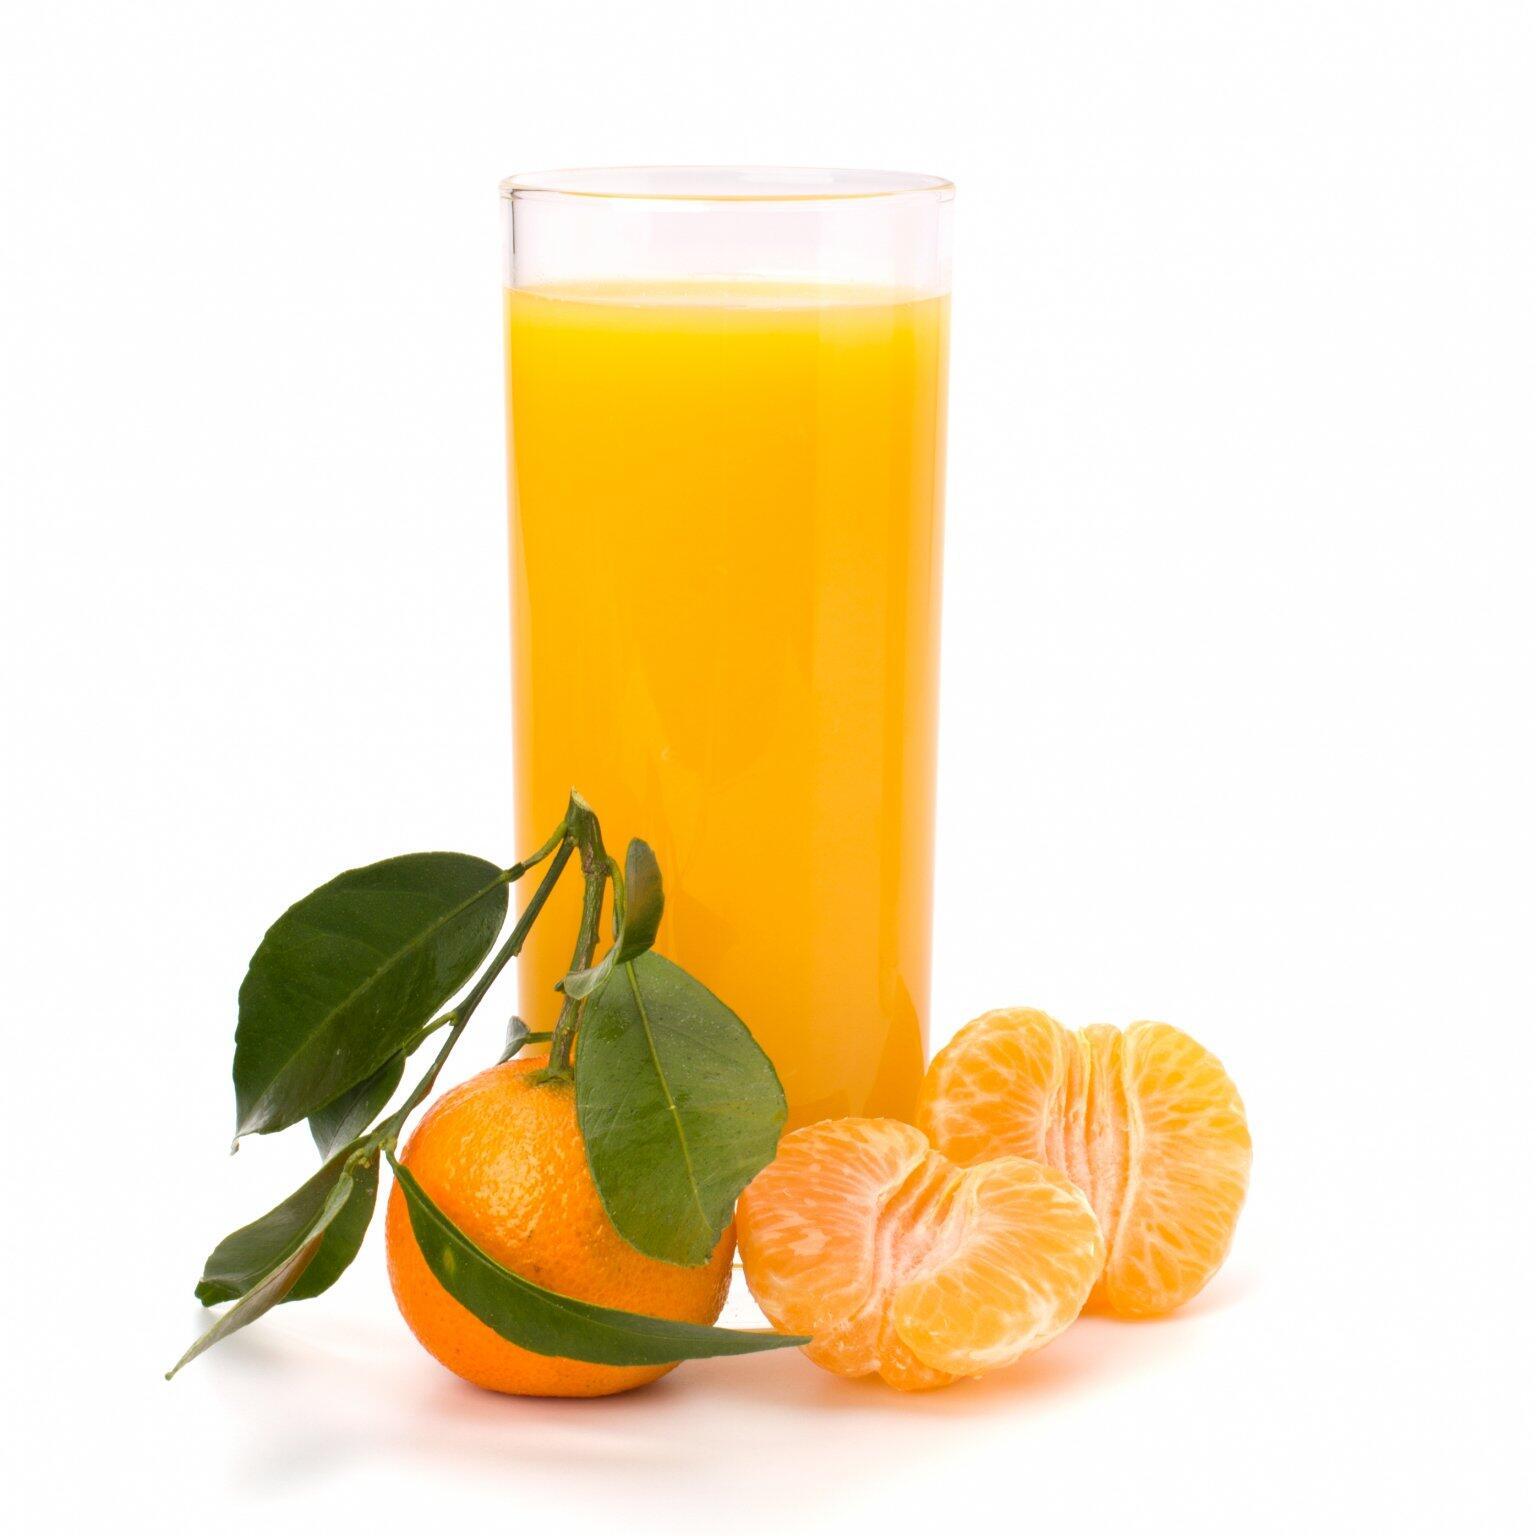 mandarinková šťáva